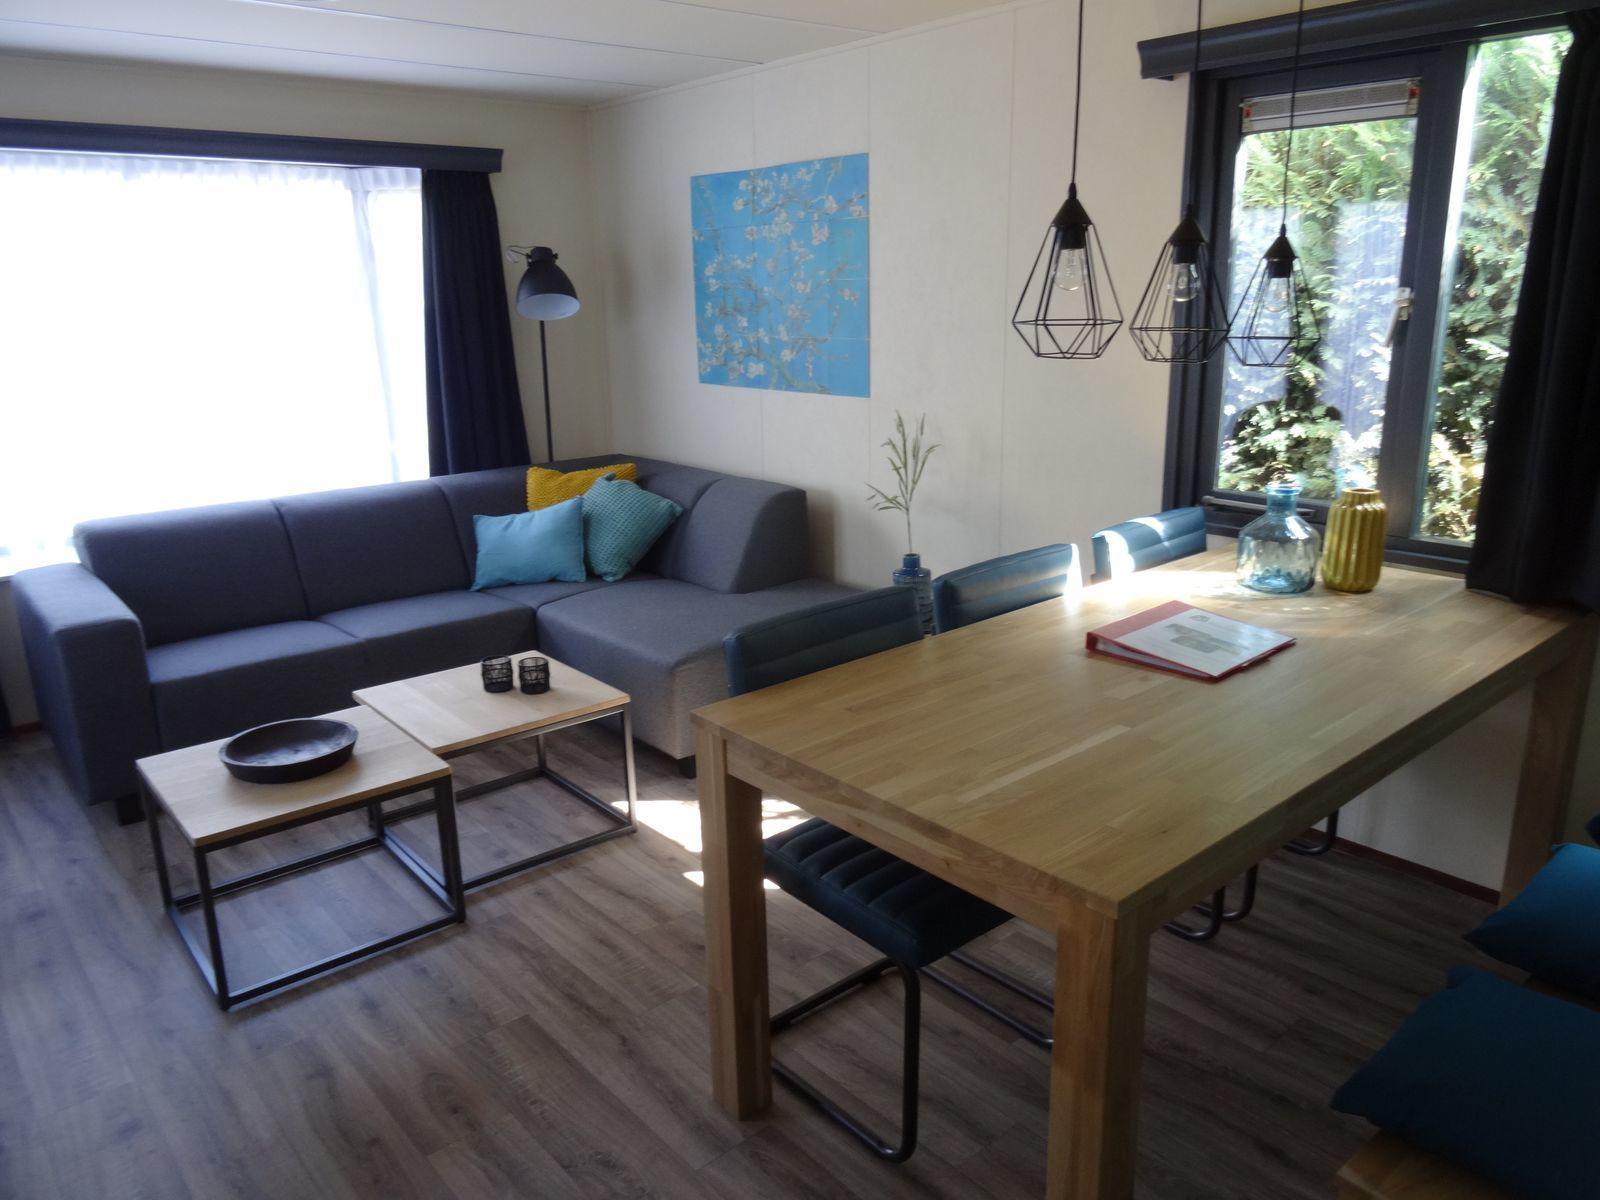 Veranda Chalet voor 6-personen in Noord-Brabant | Recreatiepark Duinhoeve